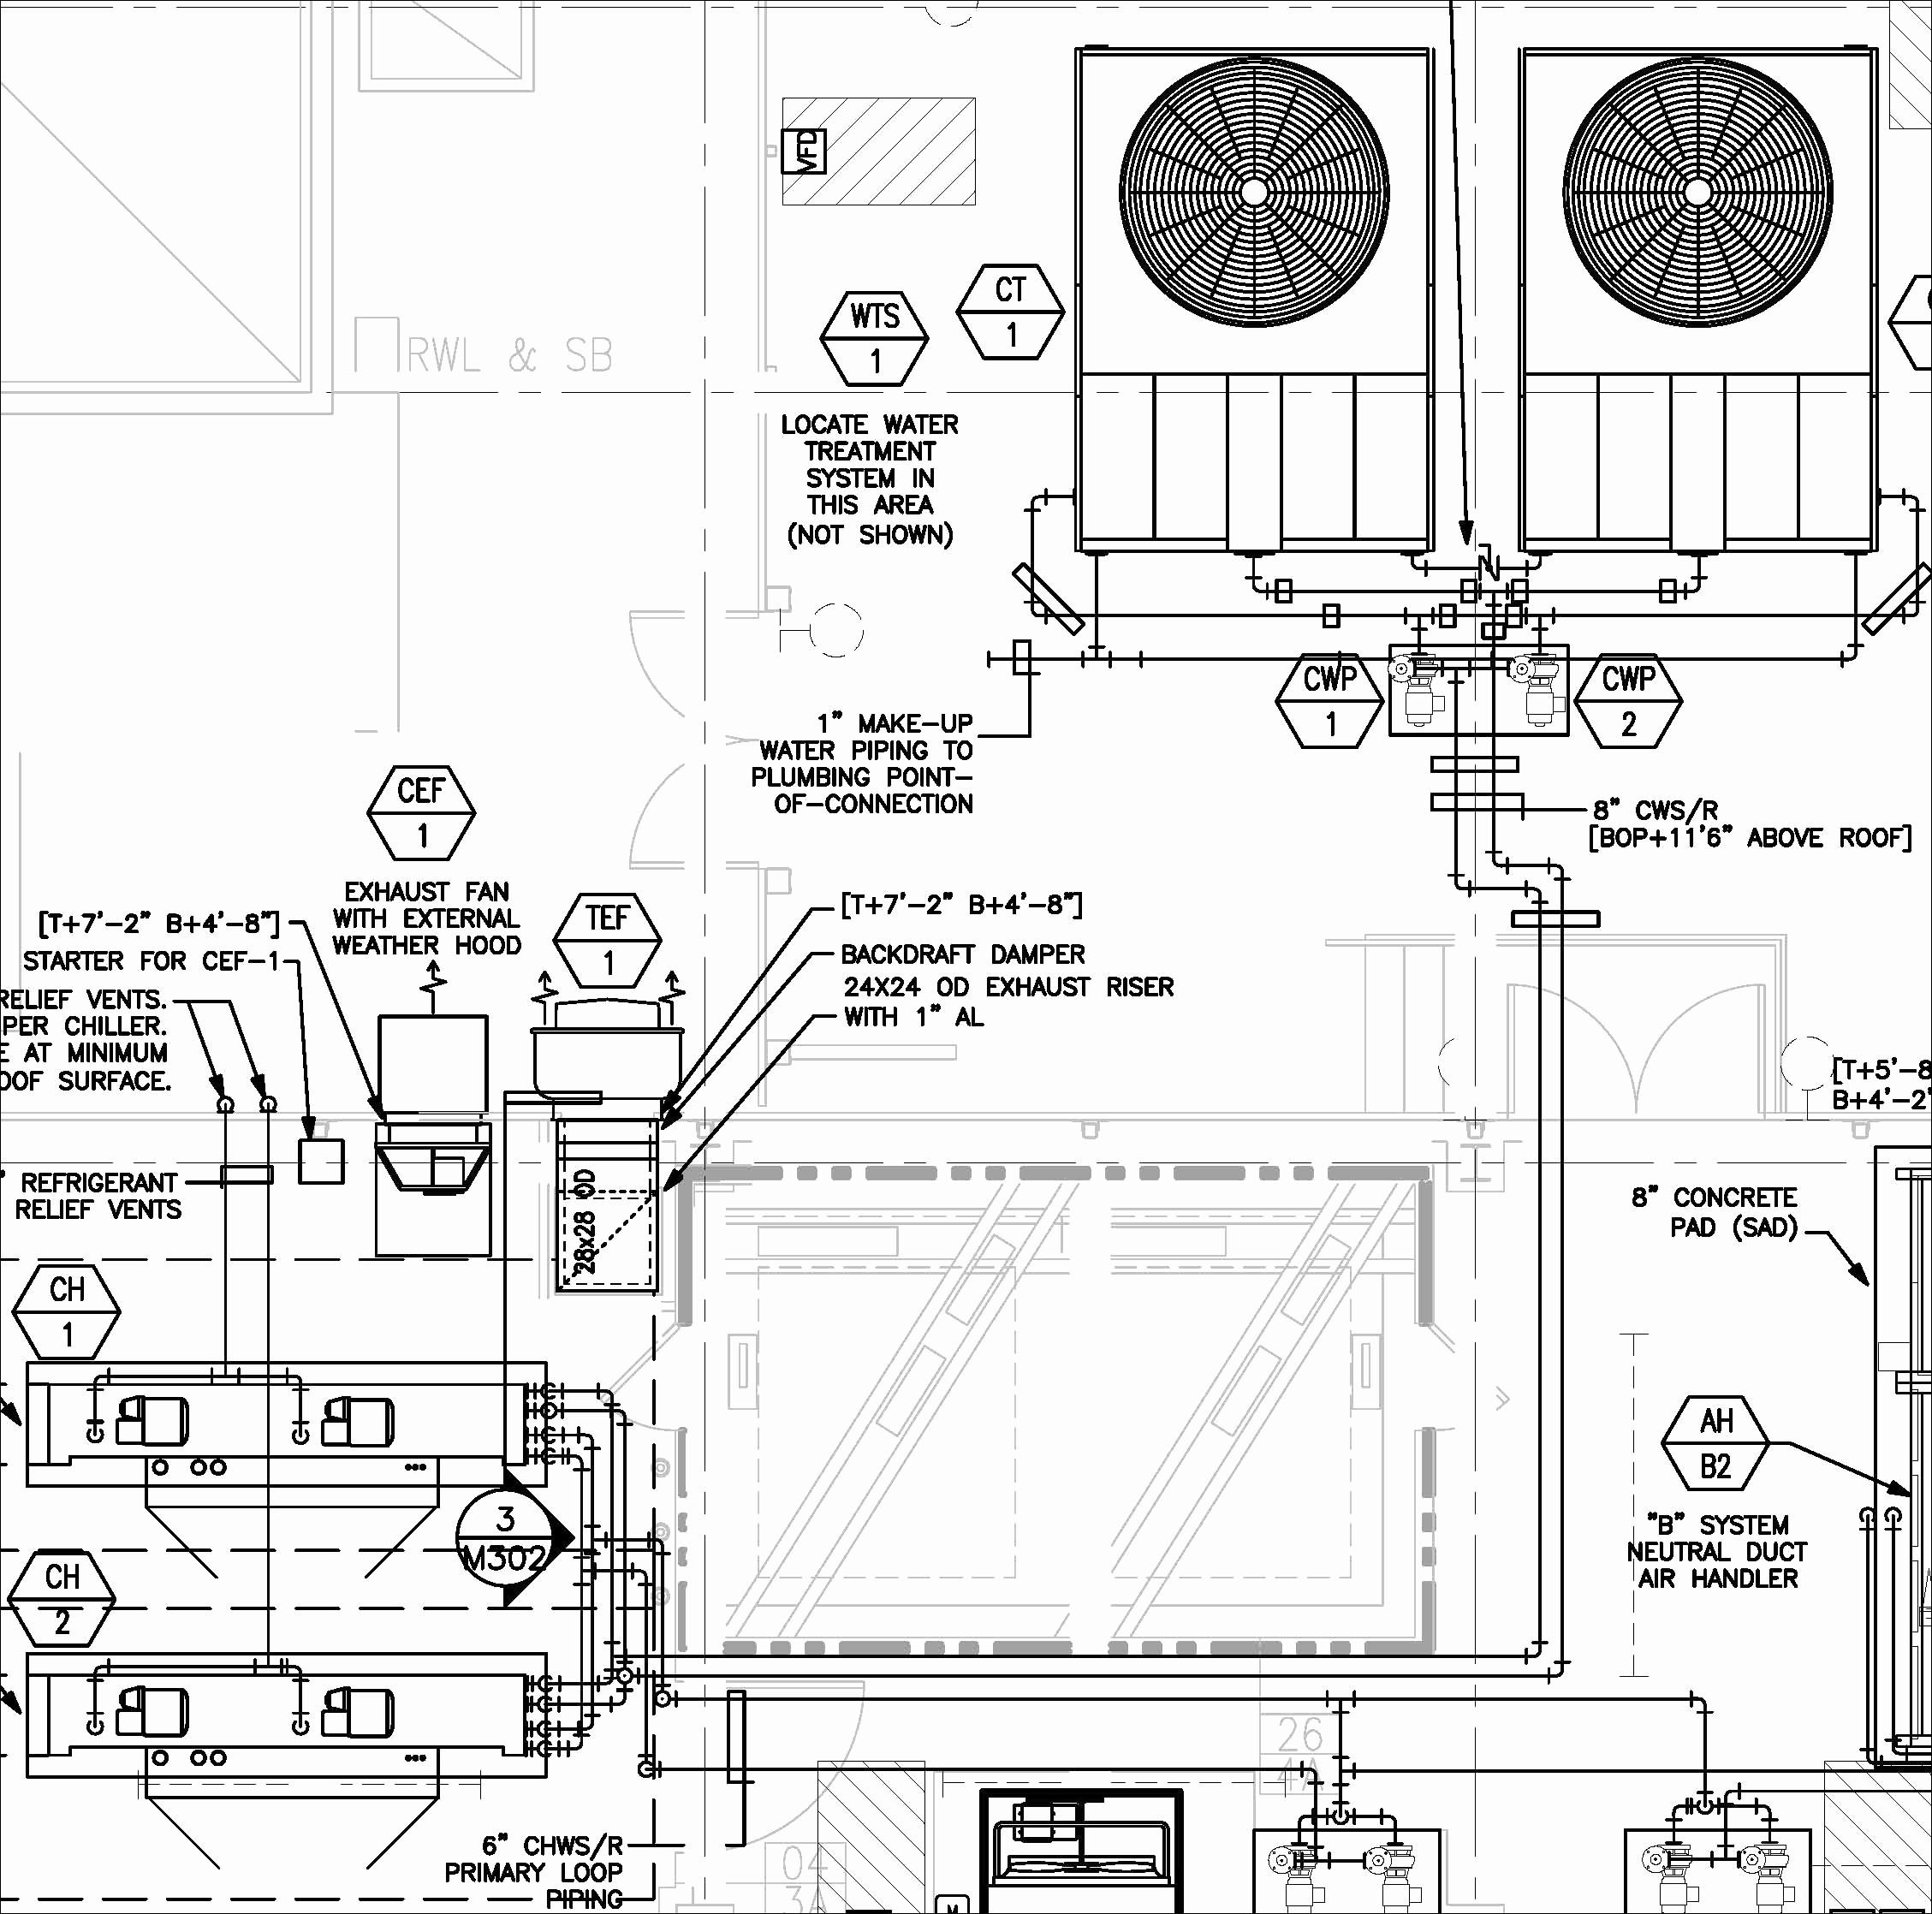 Basic Electrical Wiring Diagrams Basic Electrical Wiring Diagrams Awesome Circuit Diagram Web App New Of Basic Electrical Wiring Diagrams